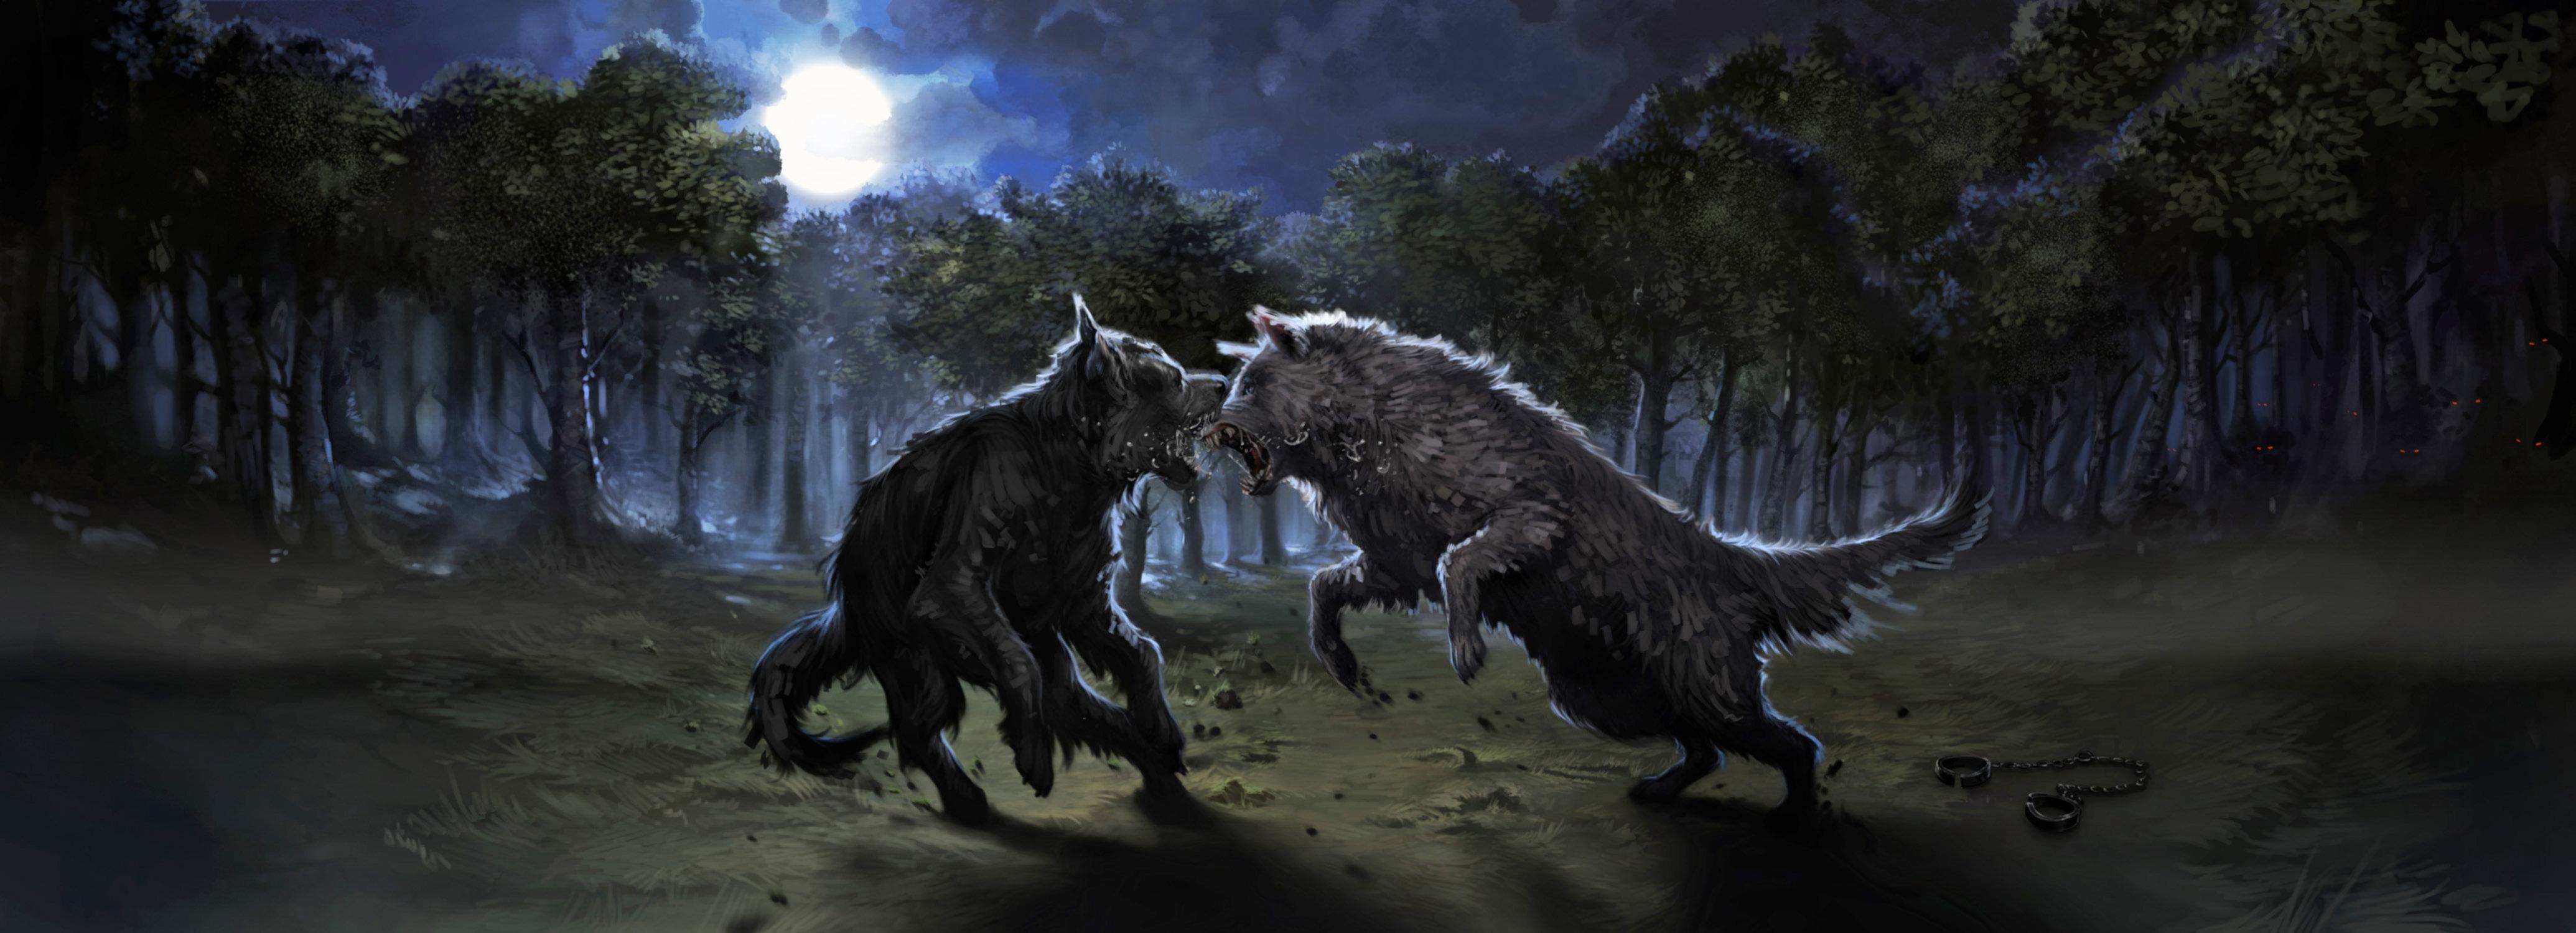 Werewolves - Pottermore